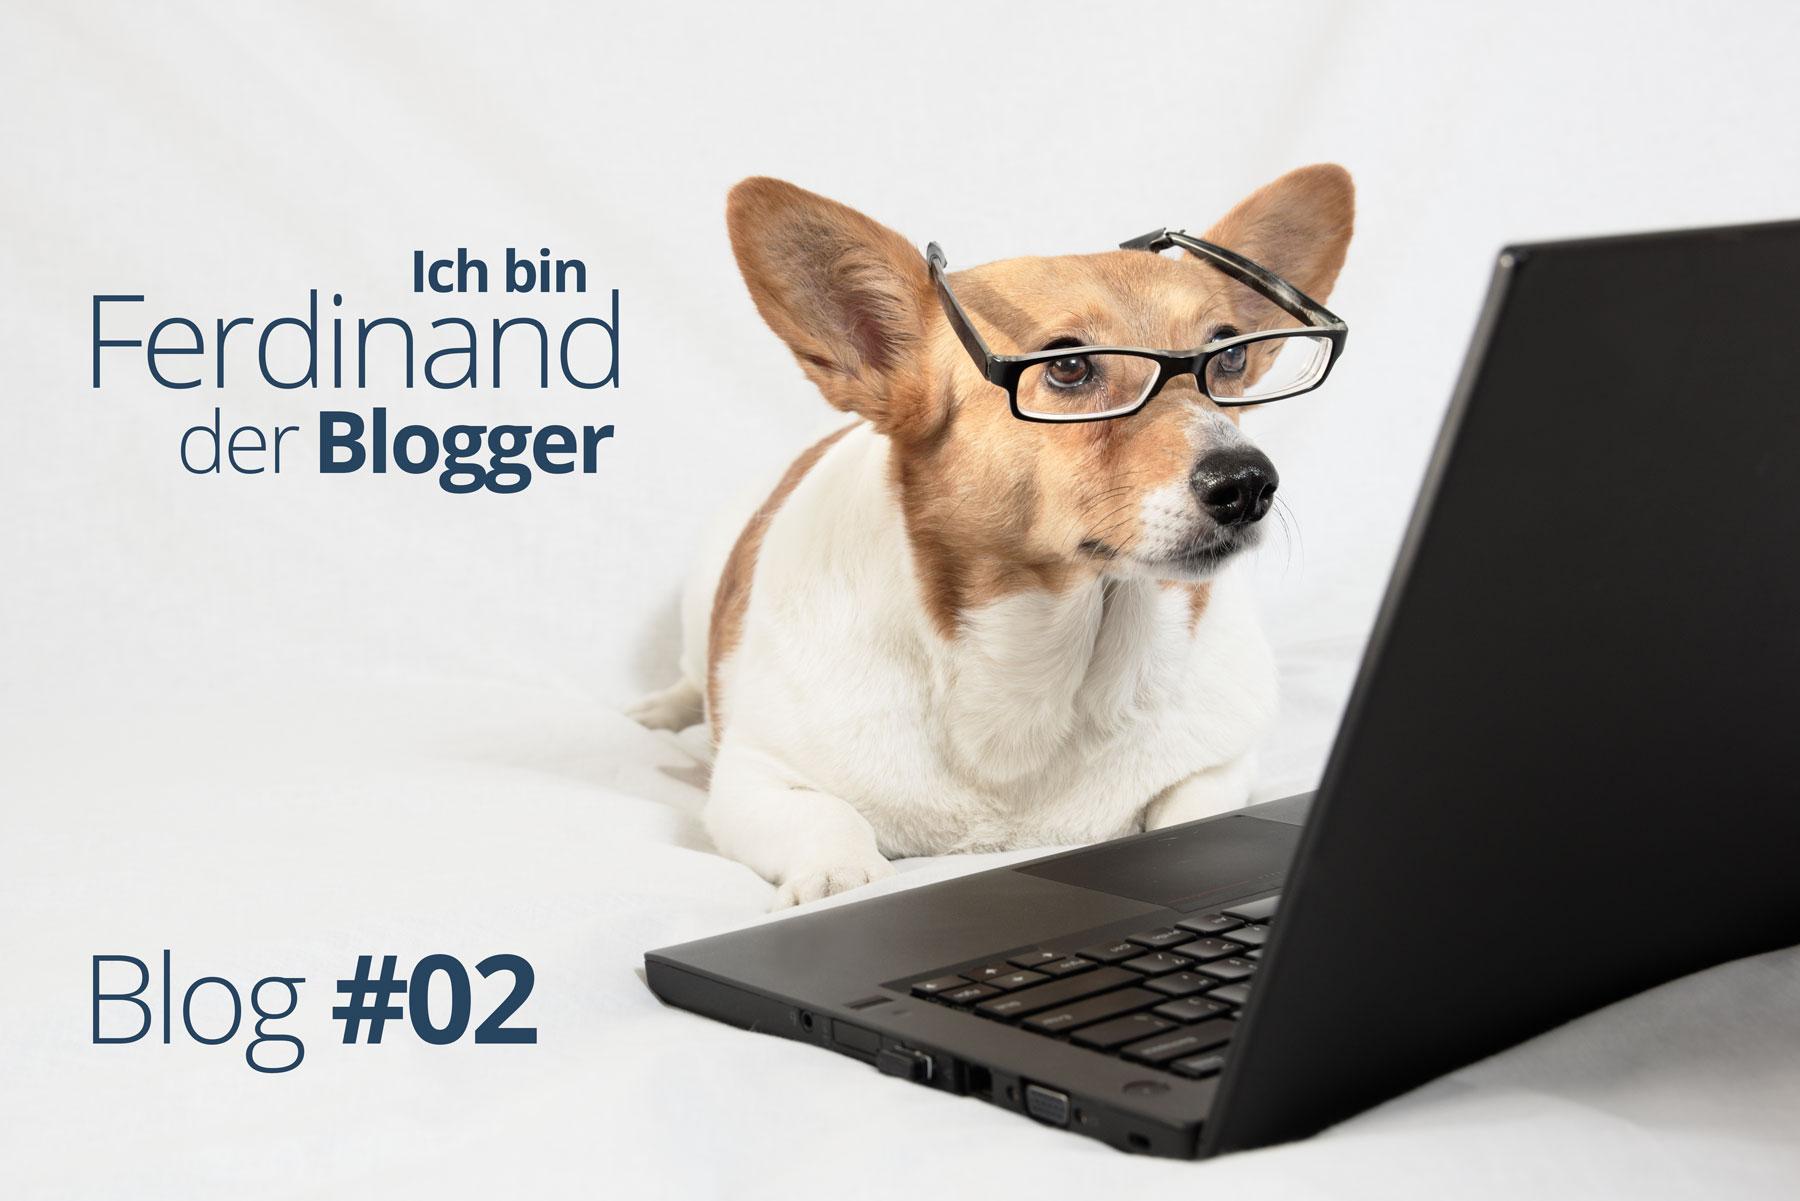 Ferdinand der Blogger – Ein Hund packt aus #02 – Ferien